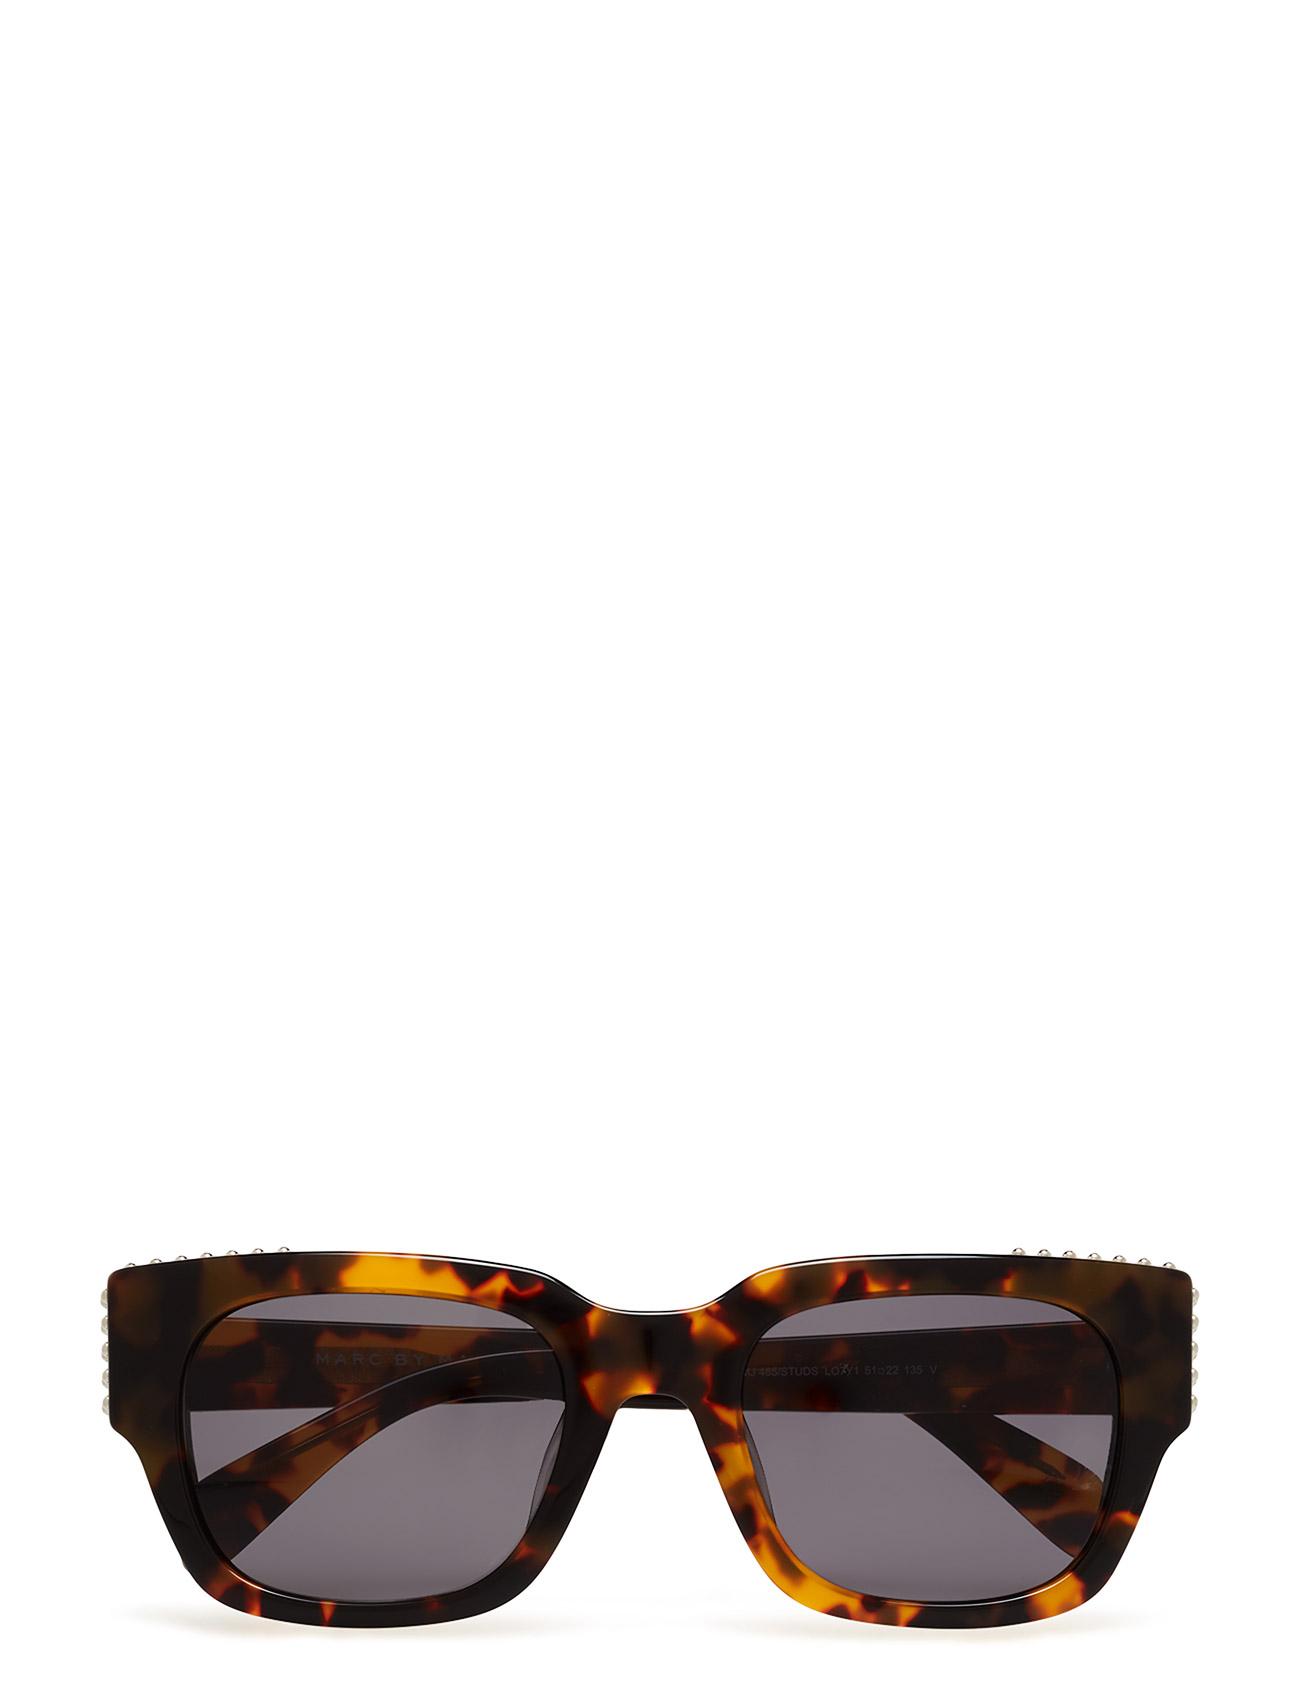 Mmj 485/Studs Marc by Marc Jacobs Sunglasses Solbriller til Damer i Sort